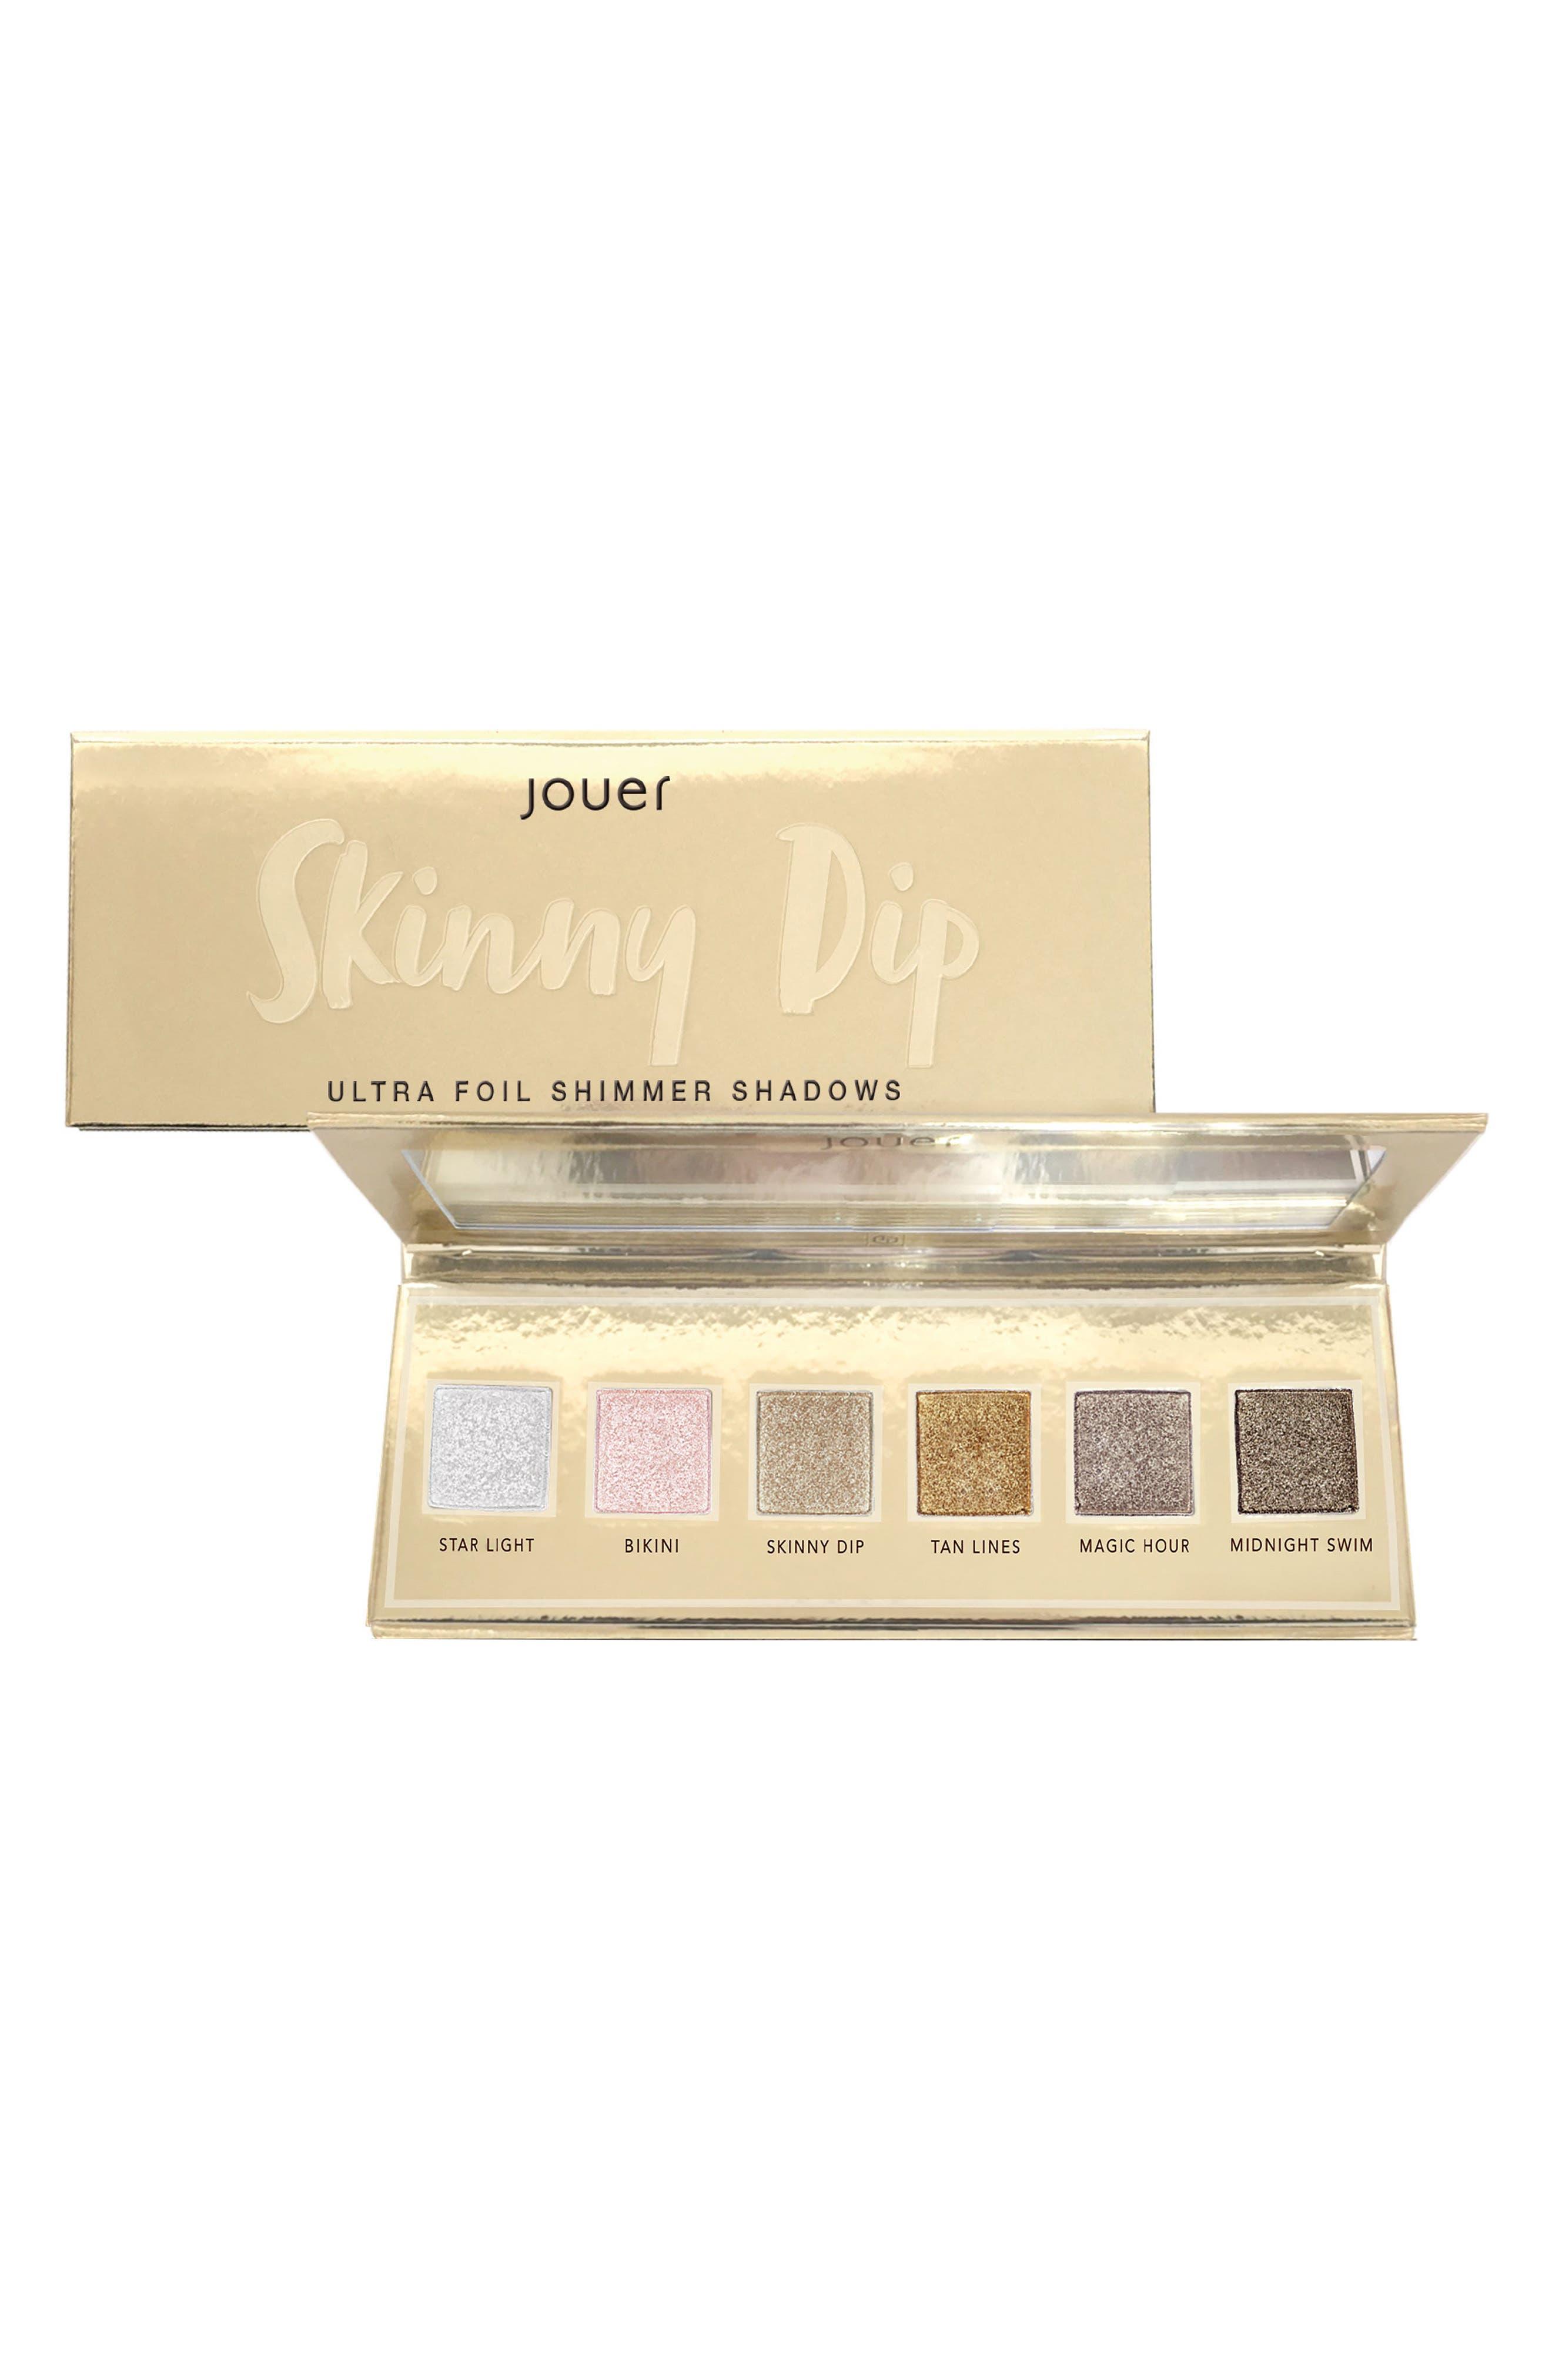 Skinny Dip Ultra Foil Shimmer Shadows Palette,                         Main,                         color, No Color